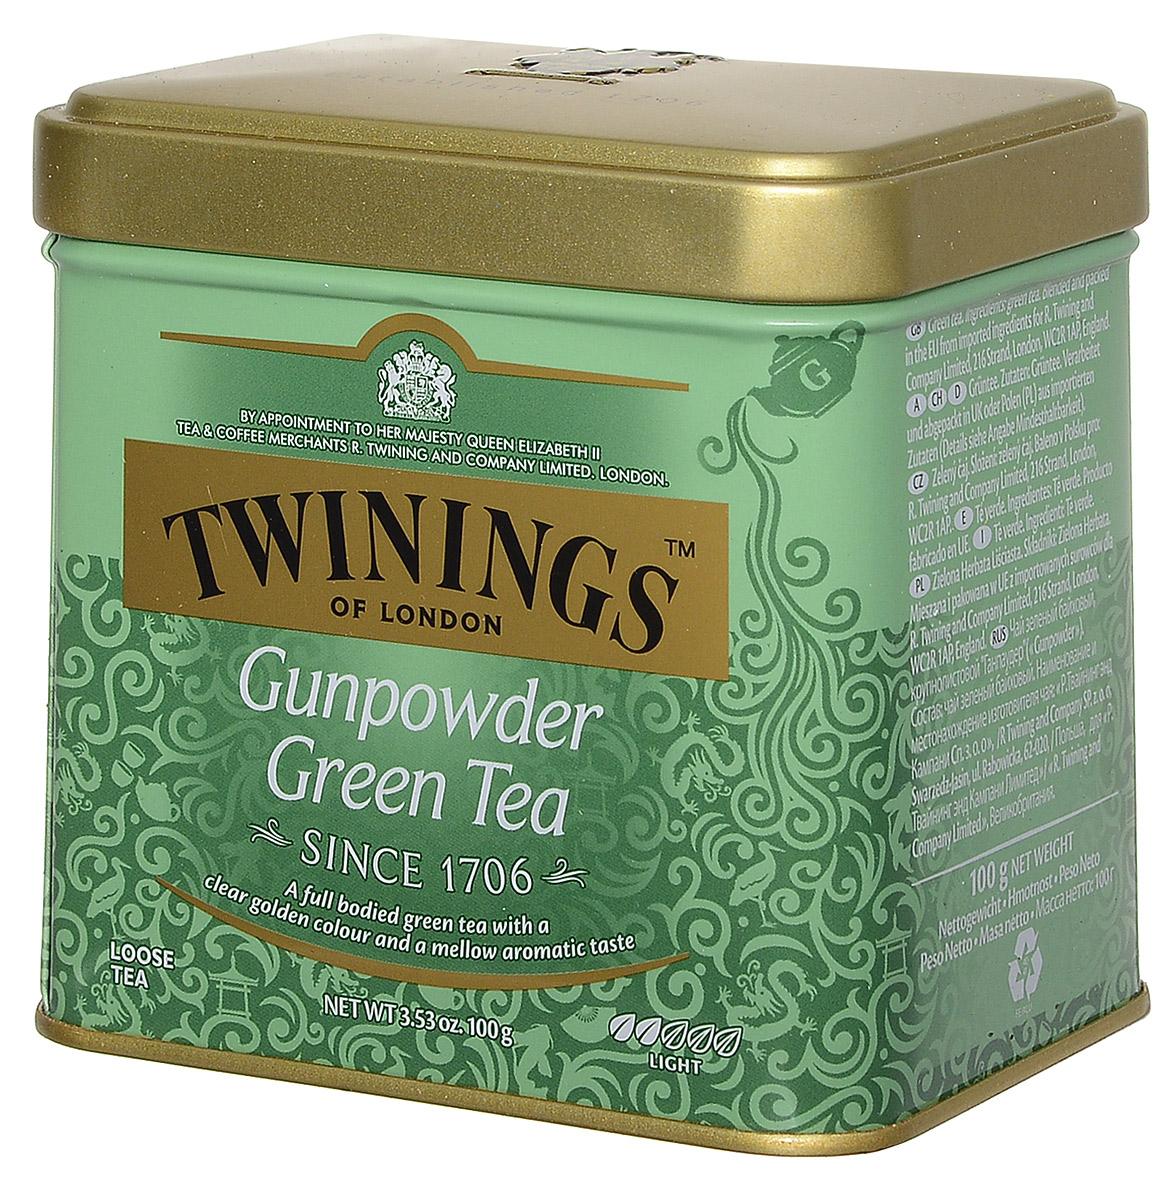 Twinings Gunpowder Green зеленый листовой чай, 100 г (ж/б)101246Twinings Gunpowder Green – крупнолистовой зеленый чай Ганпаудер, скрученный в форме пороха, имеет вид мелкой дроби или картечи. При заваривании получается душистый прозрачный напиток светло-золотистого цвета с мягким бархатистым вкусом.